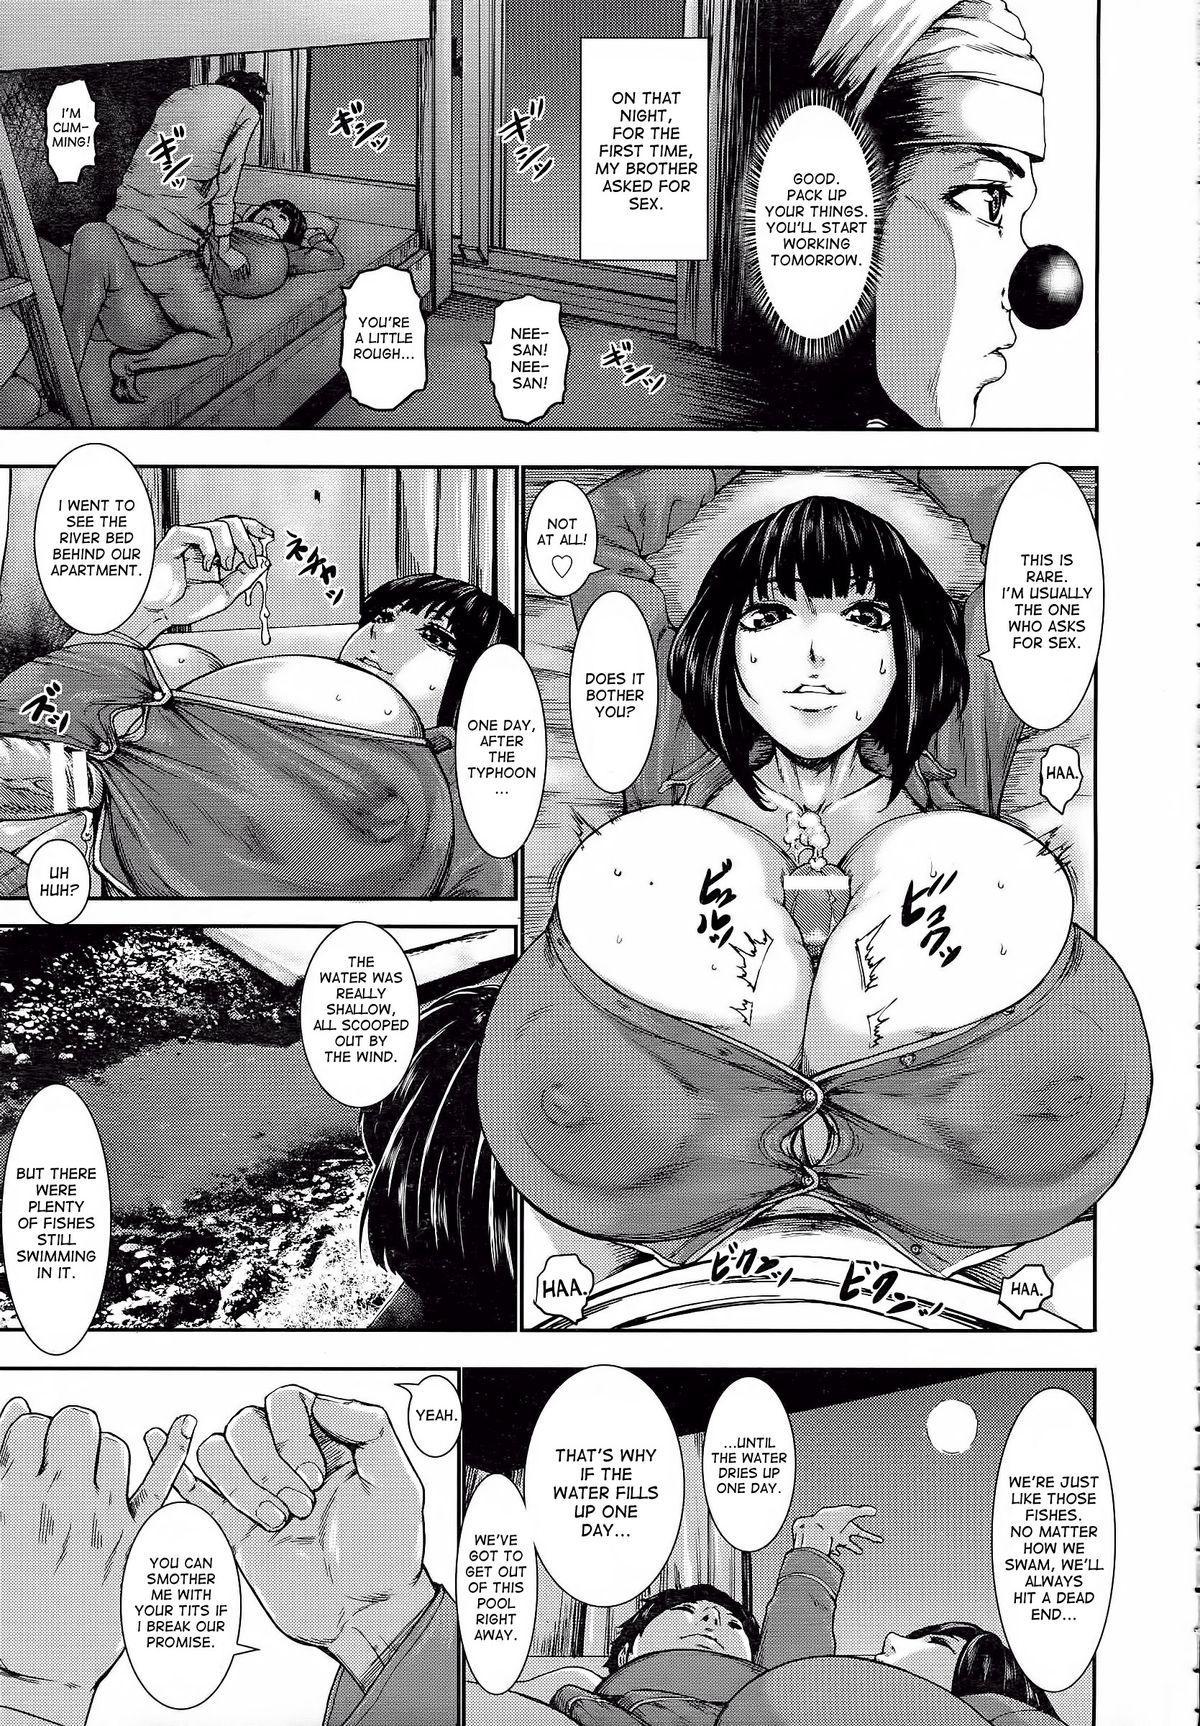 [PIero] Kuroyuki ~Inniku Sakunyuu Jigoku~ Kouhen | Black Snow ~The Depraved Cow-milking Hell~ part 2 (ANGEL Club 2015-05) [English] [desudesu] 4